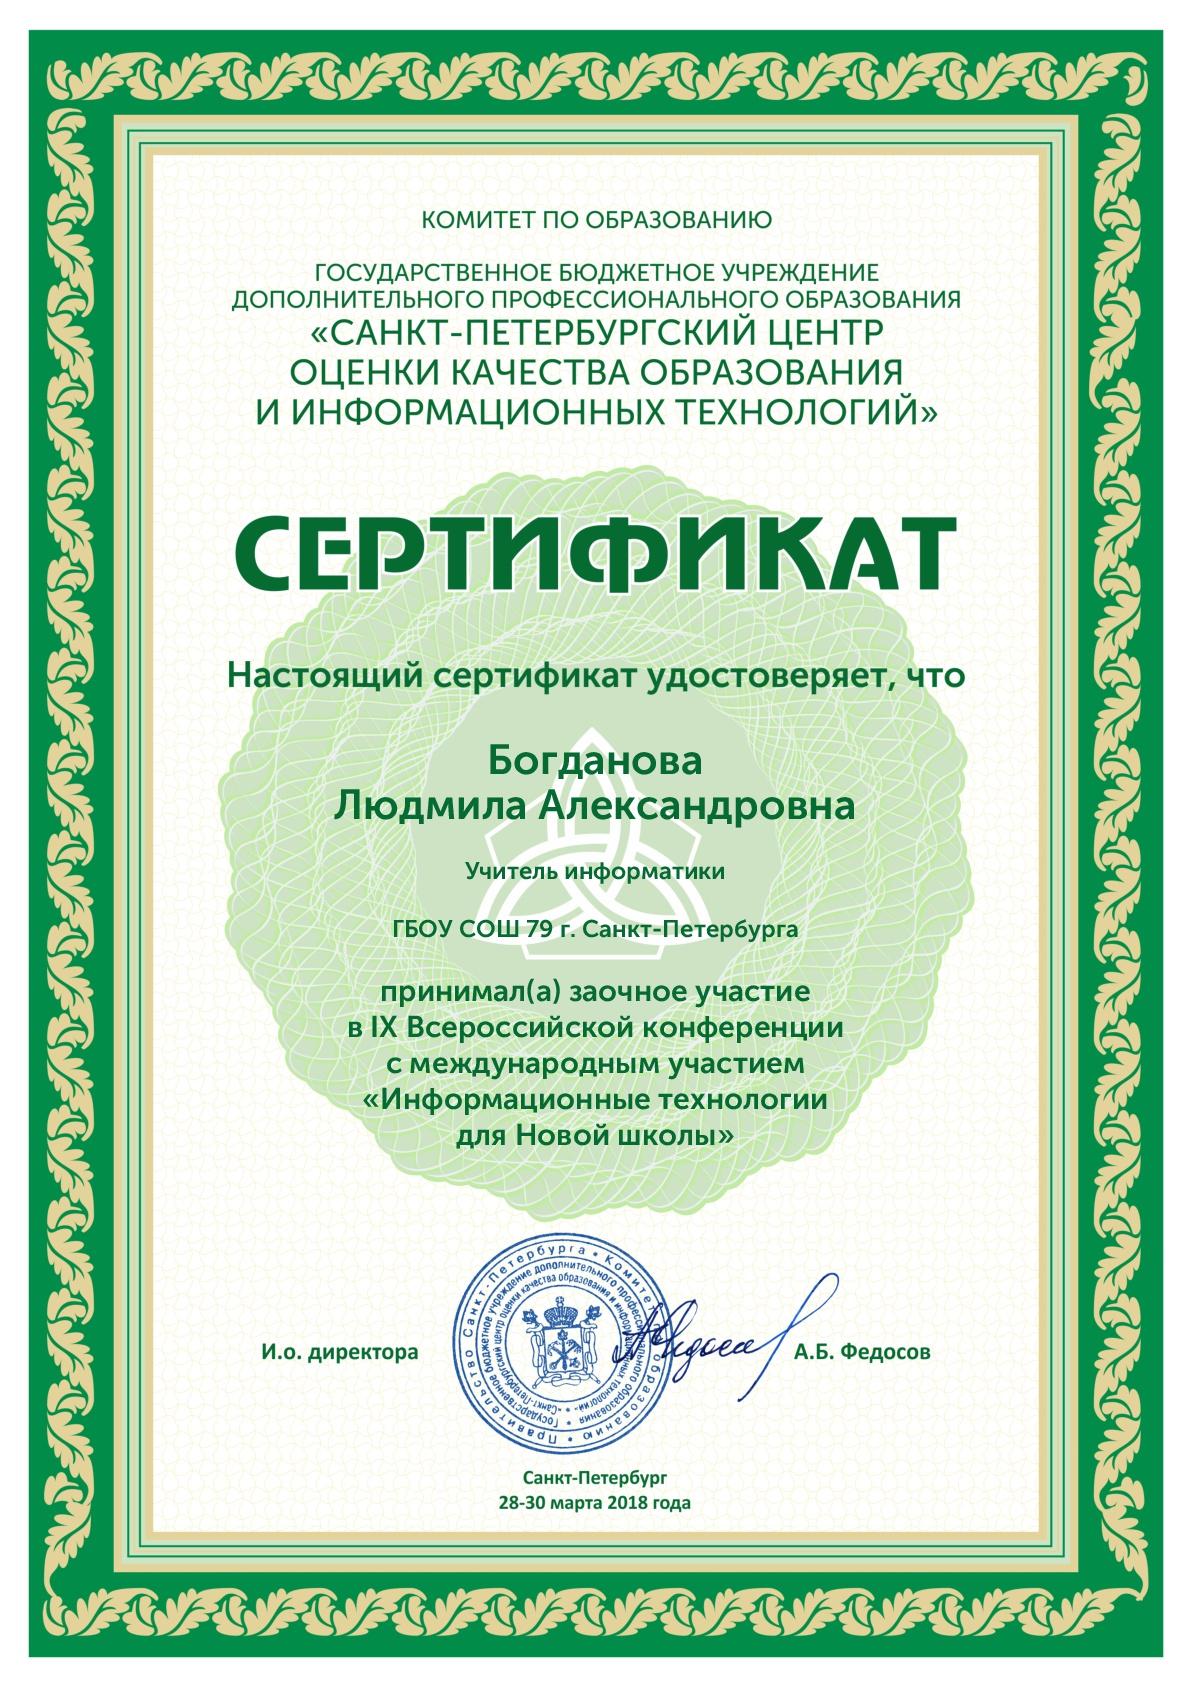 Сертификат участника ИТНШ2018-001